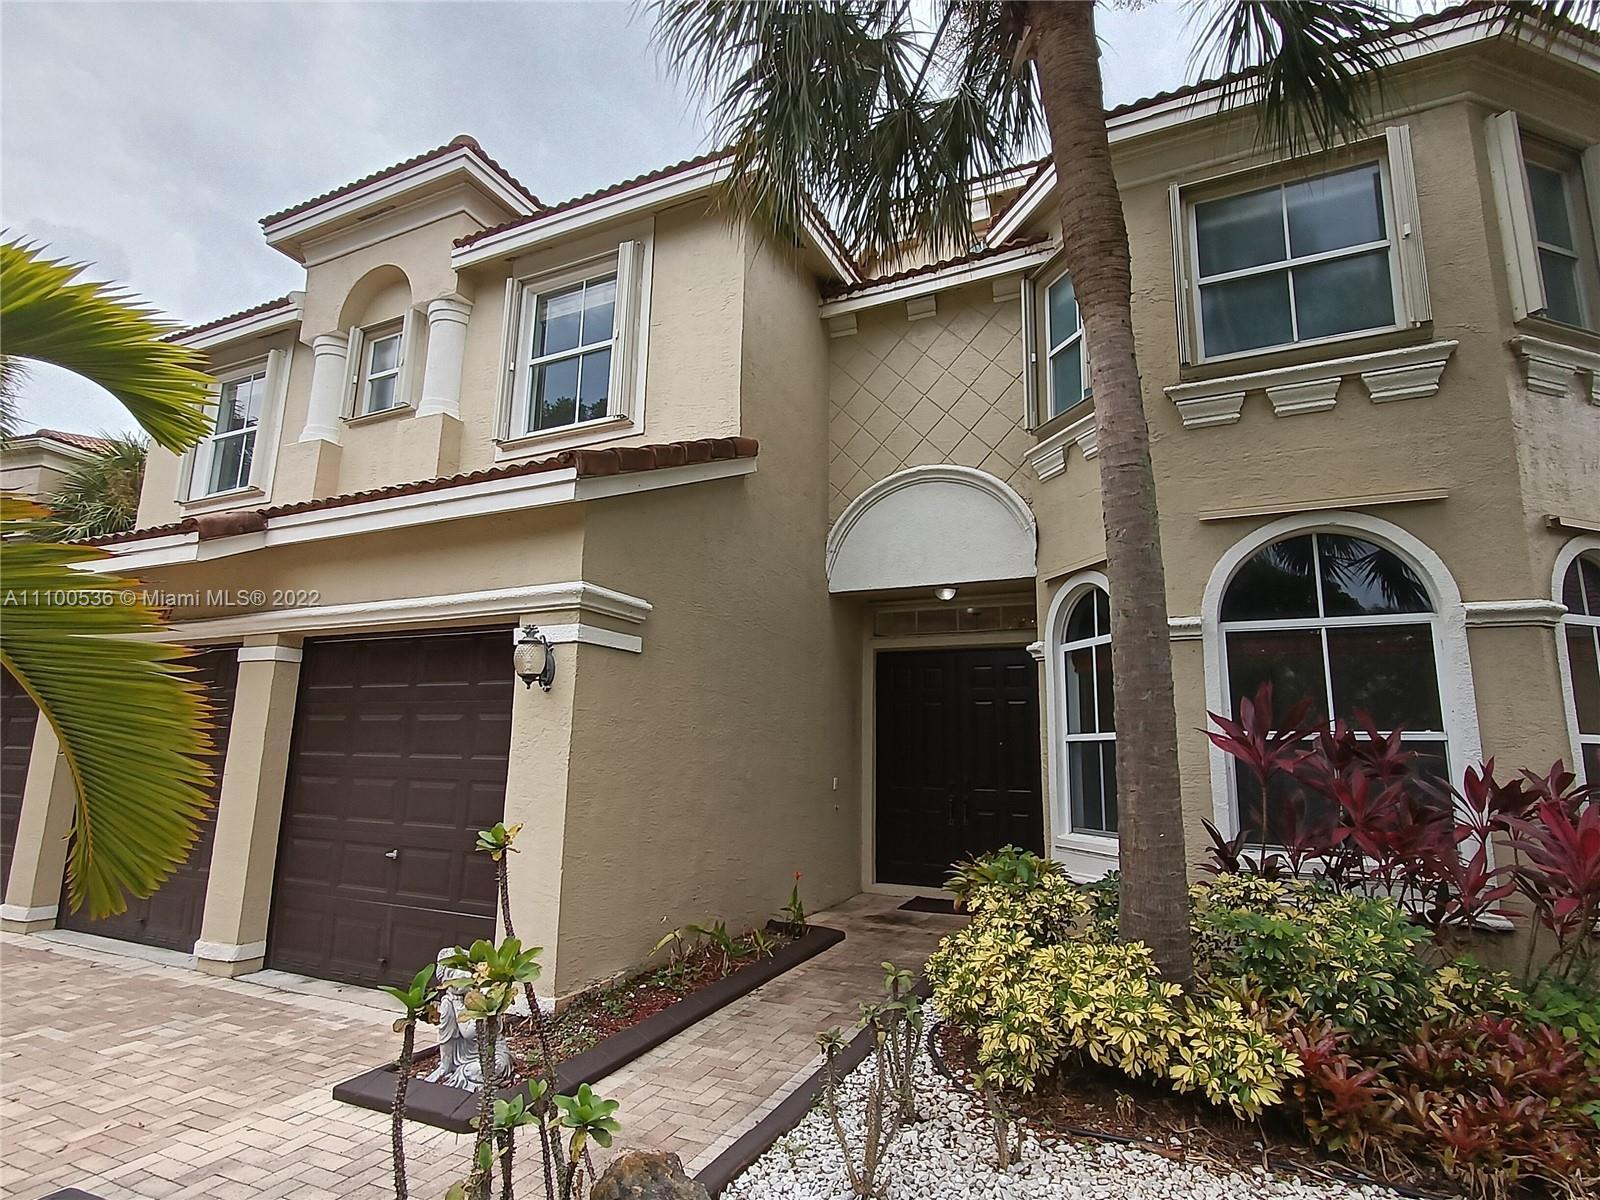 Riviera Isles - 5051 SW 158th Ave, Miramar, FL 33027